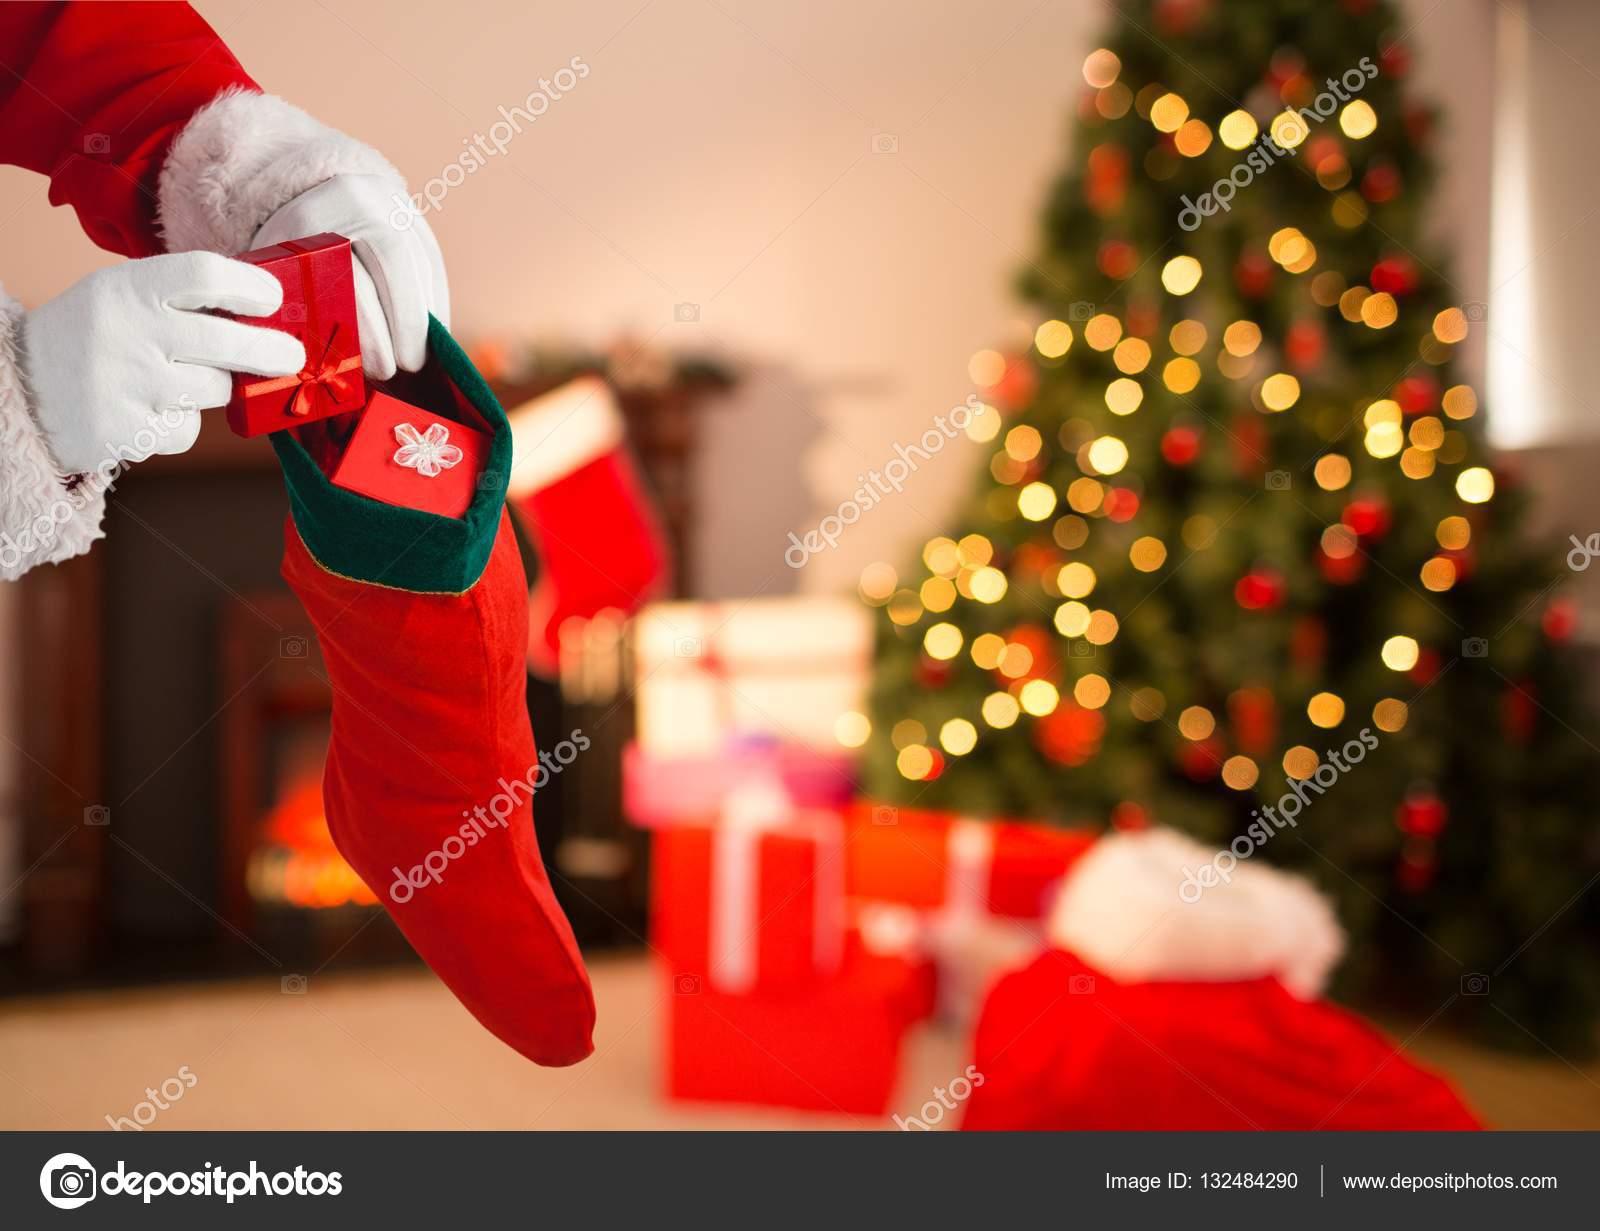 Weihnachtsmann, die Geschenke ins Weihnachts-Strumpf — Stockfoto ...